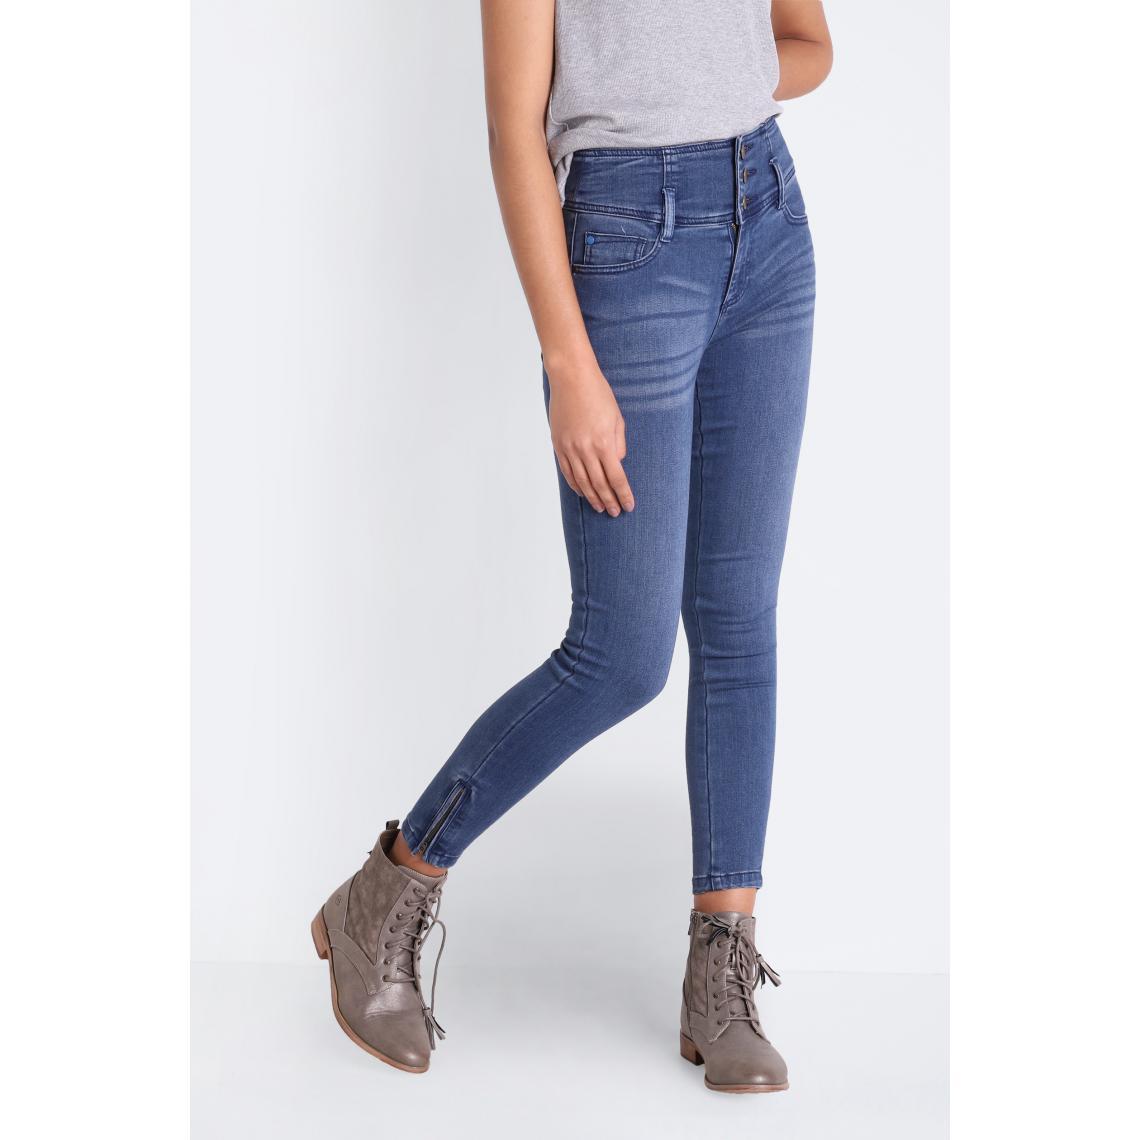 Promo : Jeans skinny taille haute - Bonobo - Modalova